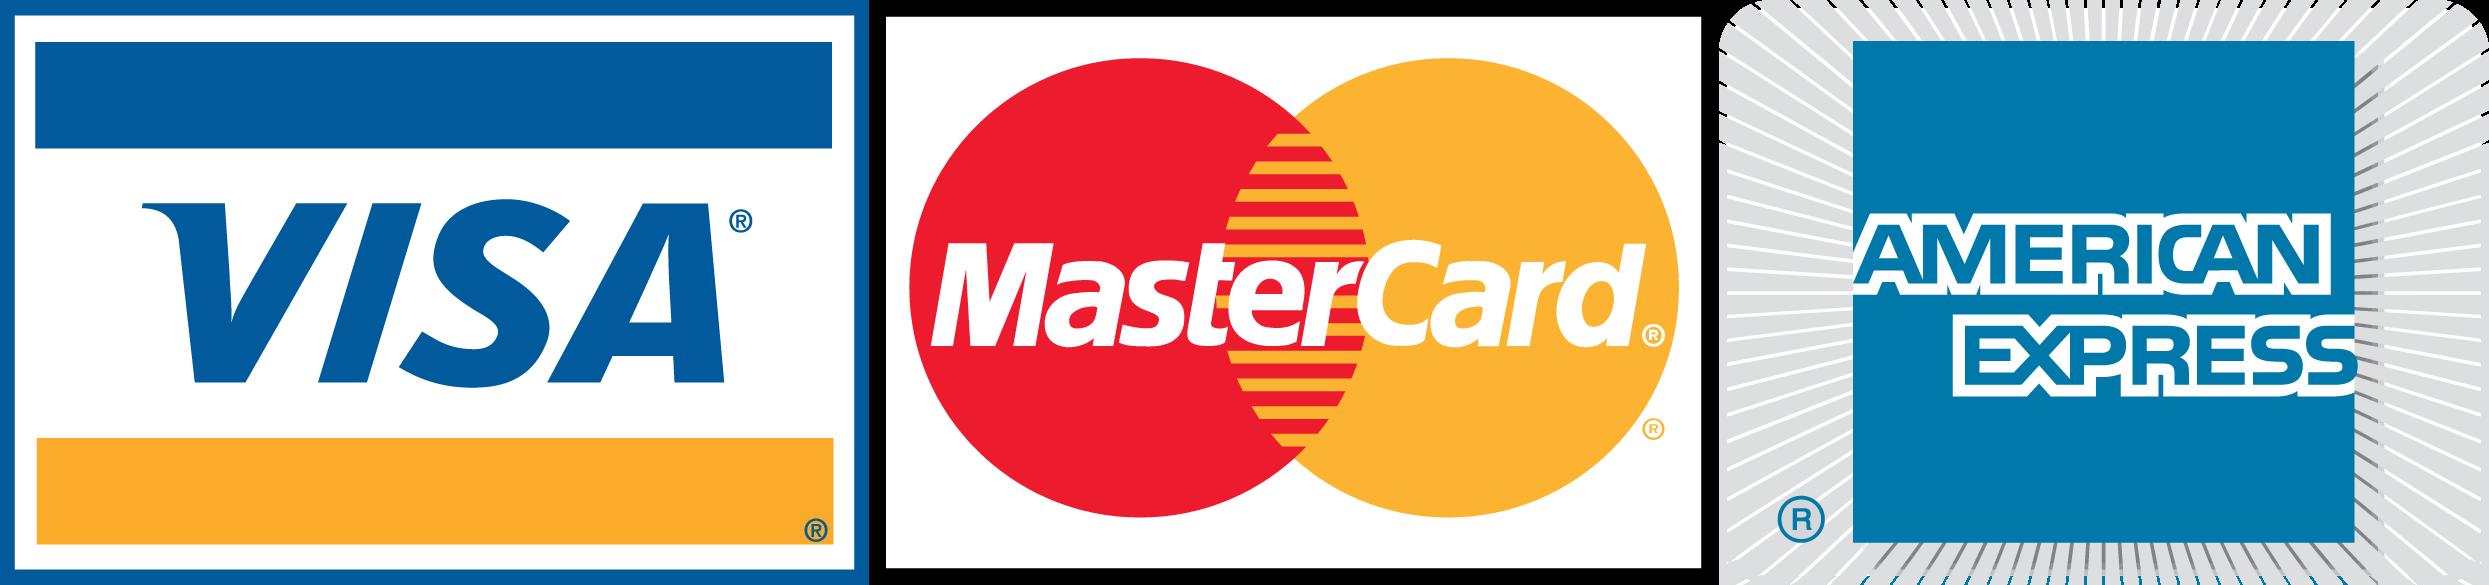 visa_mastercard_amex-lenshauling.ca_.png